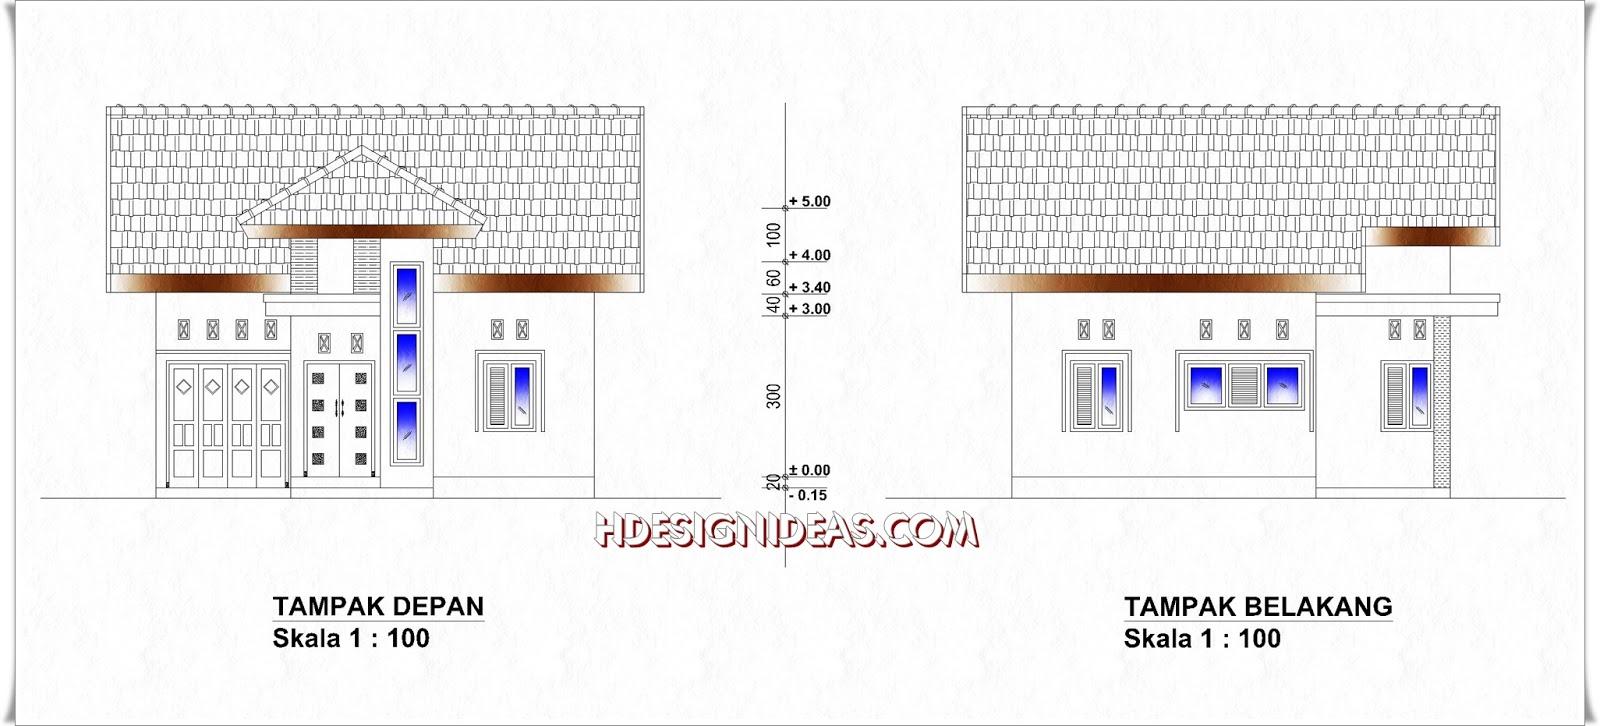 Desain Rumah Minimalis Tampak Depan Samping Wallpaper Dinding Denah Tinggal